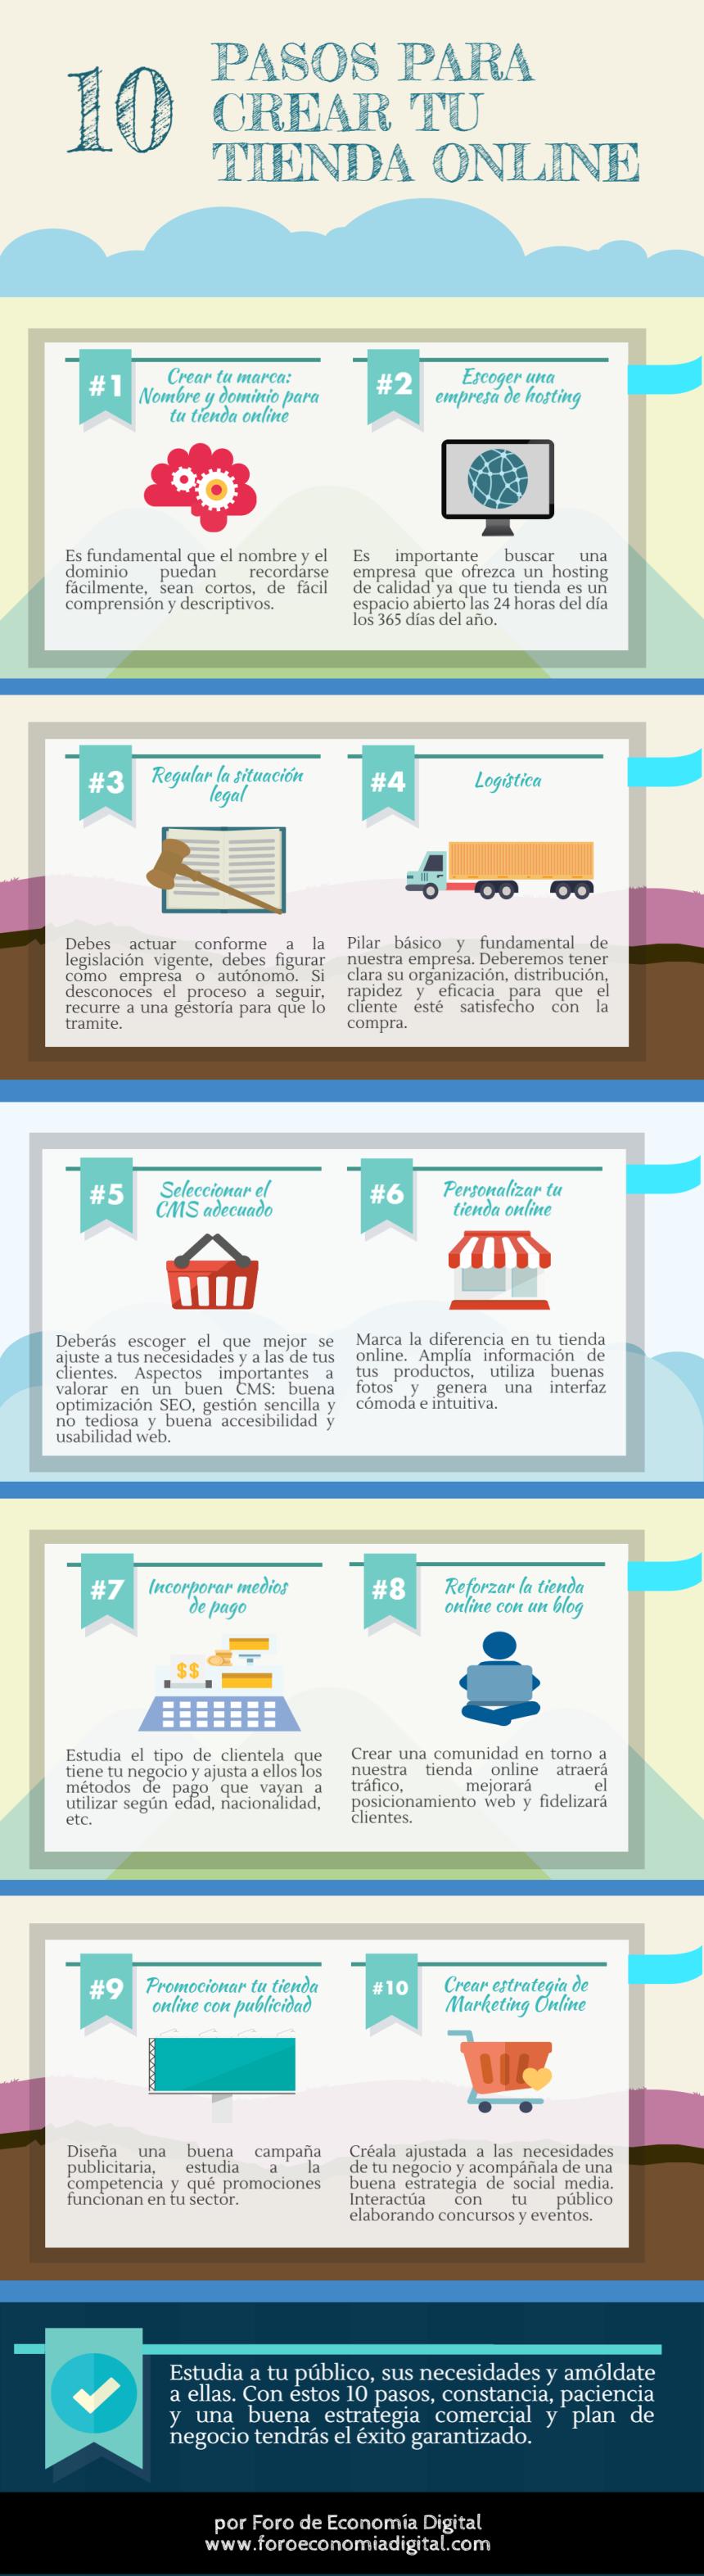 10 pasos para crear tu tienda online